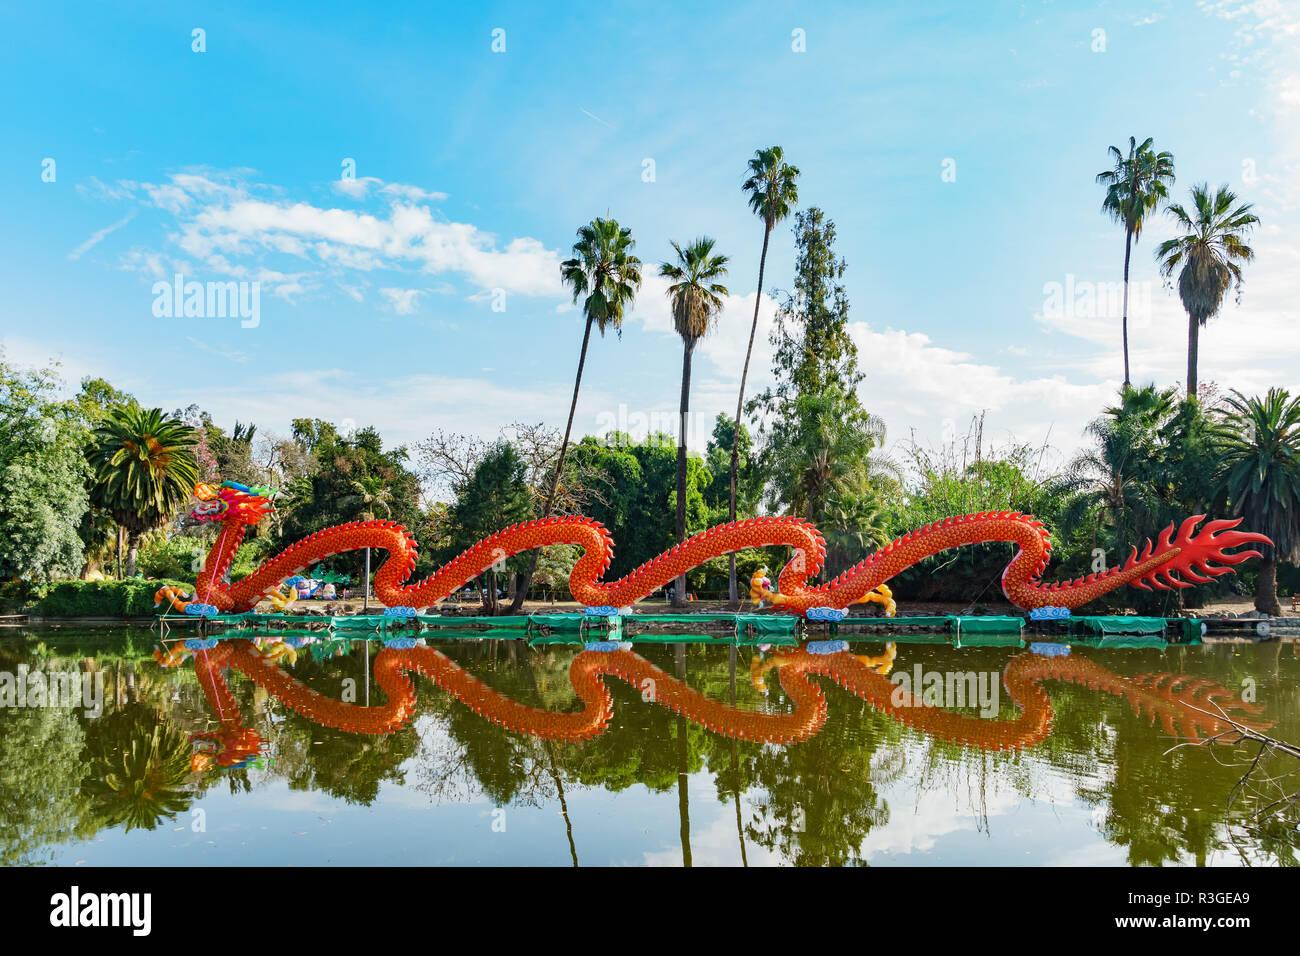 Los Ángeles, 17 de noviembre: Mañana vista de la colorida dragon linterna Moonlight Forest Festival en nov 17, 2018 en Los Angeles Foto de stock